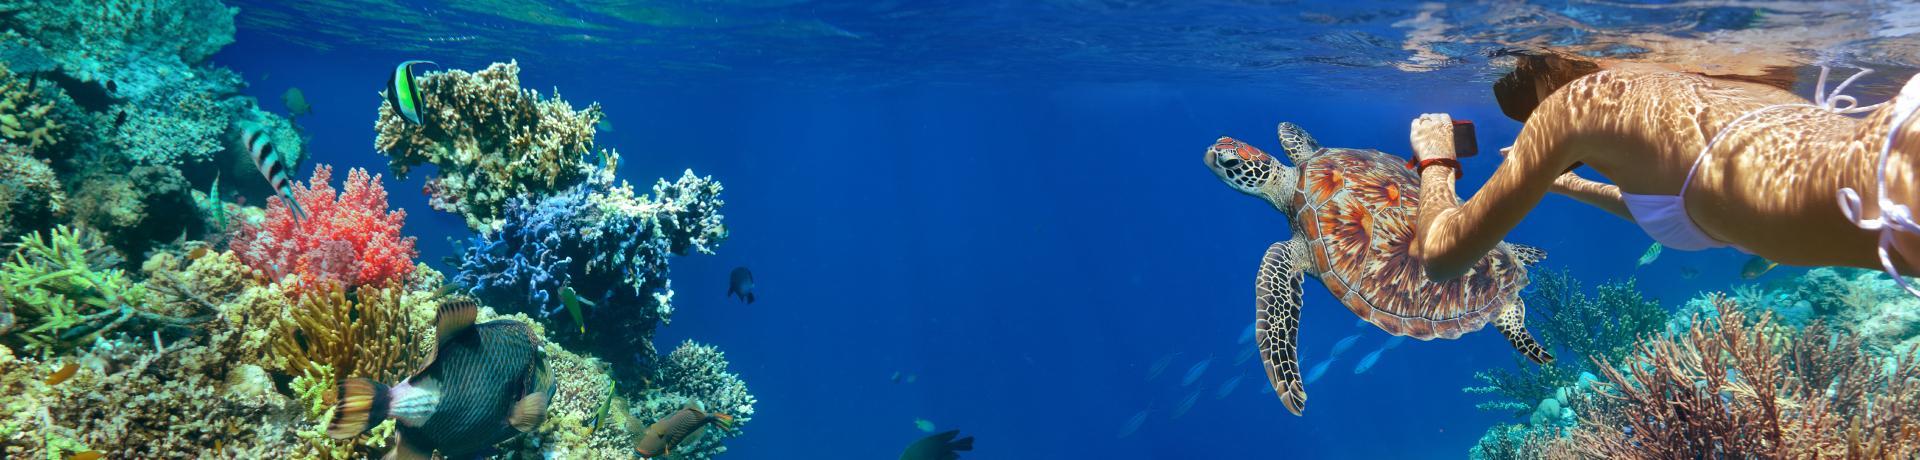 Sonstiges: Tauchen - Korallenriff - Emotion